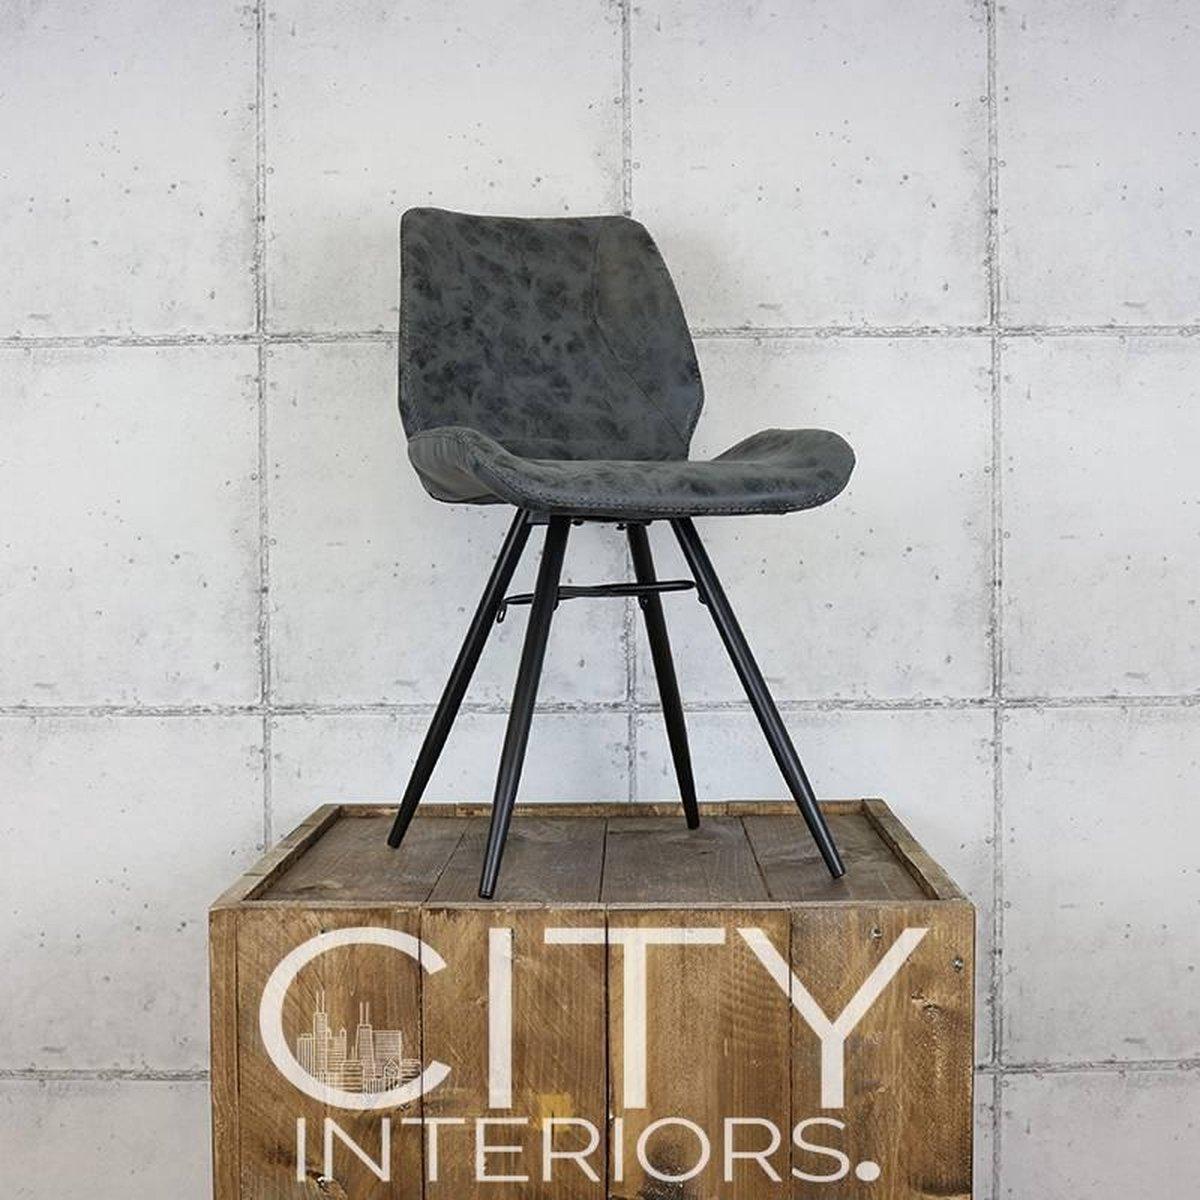 Industriële eetkamerstoel Hetson zwart - City interiors